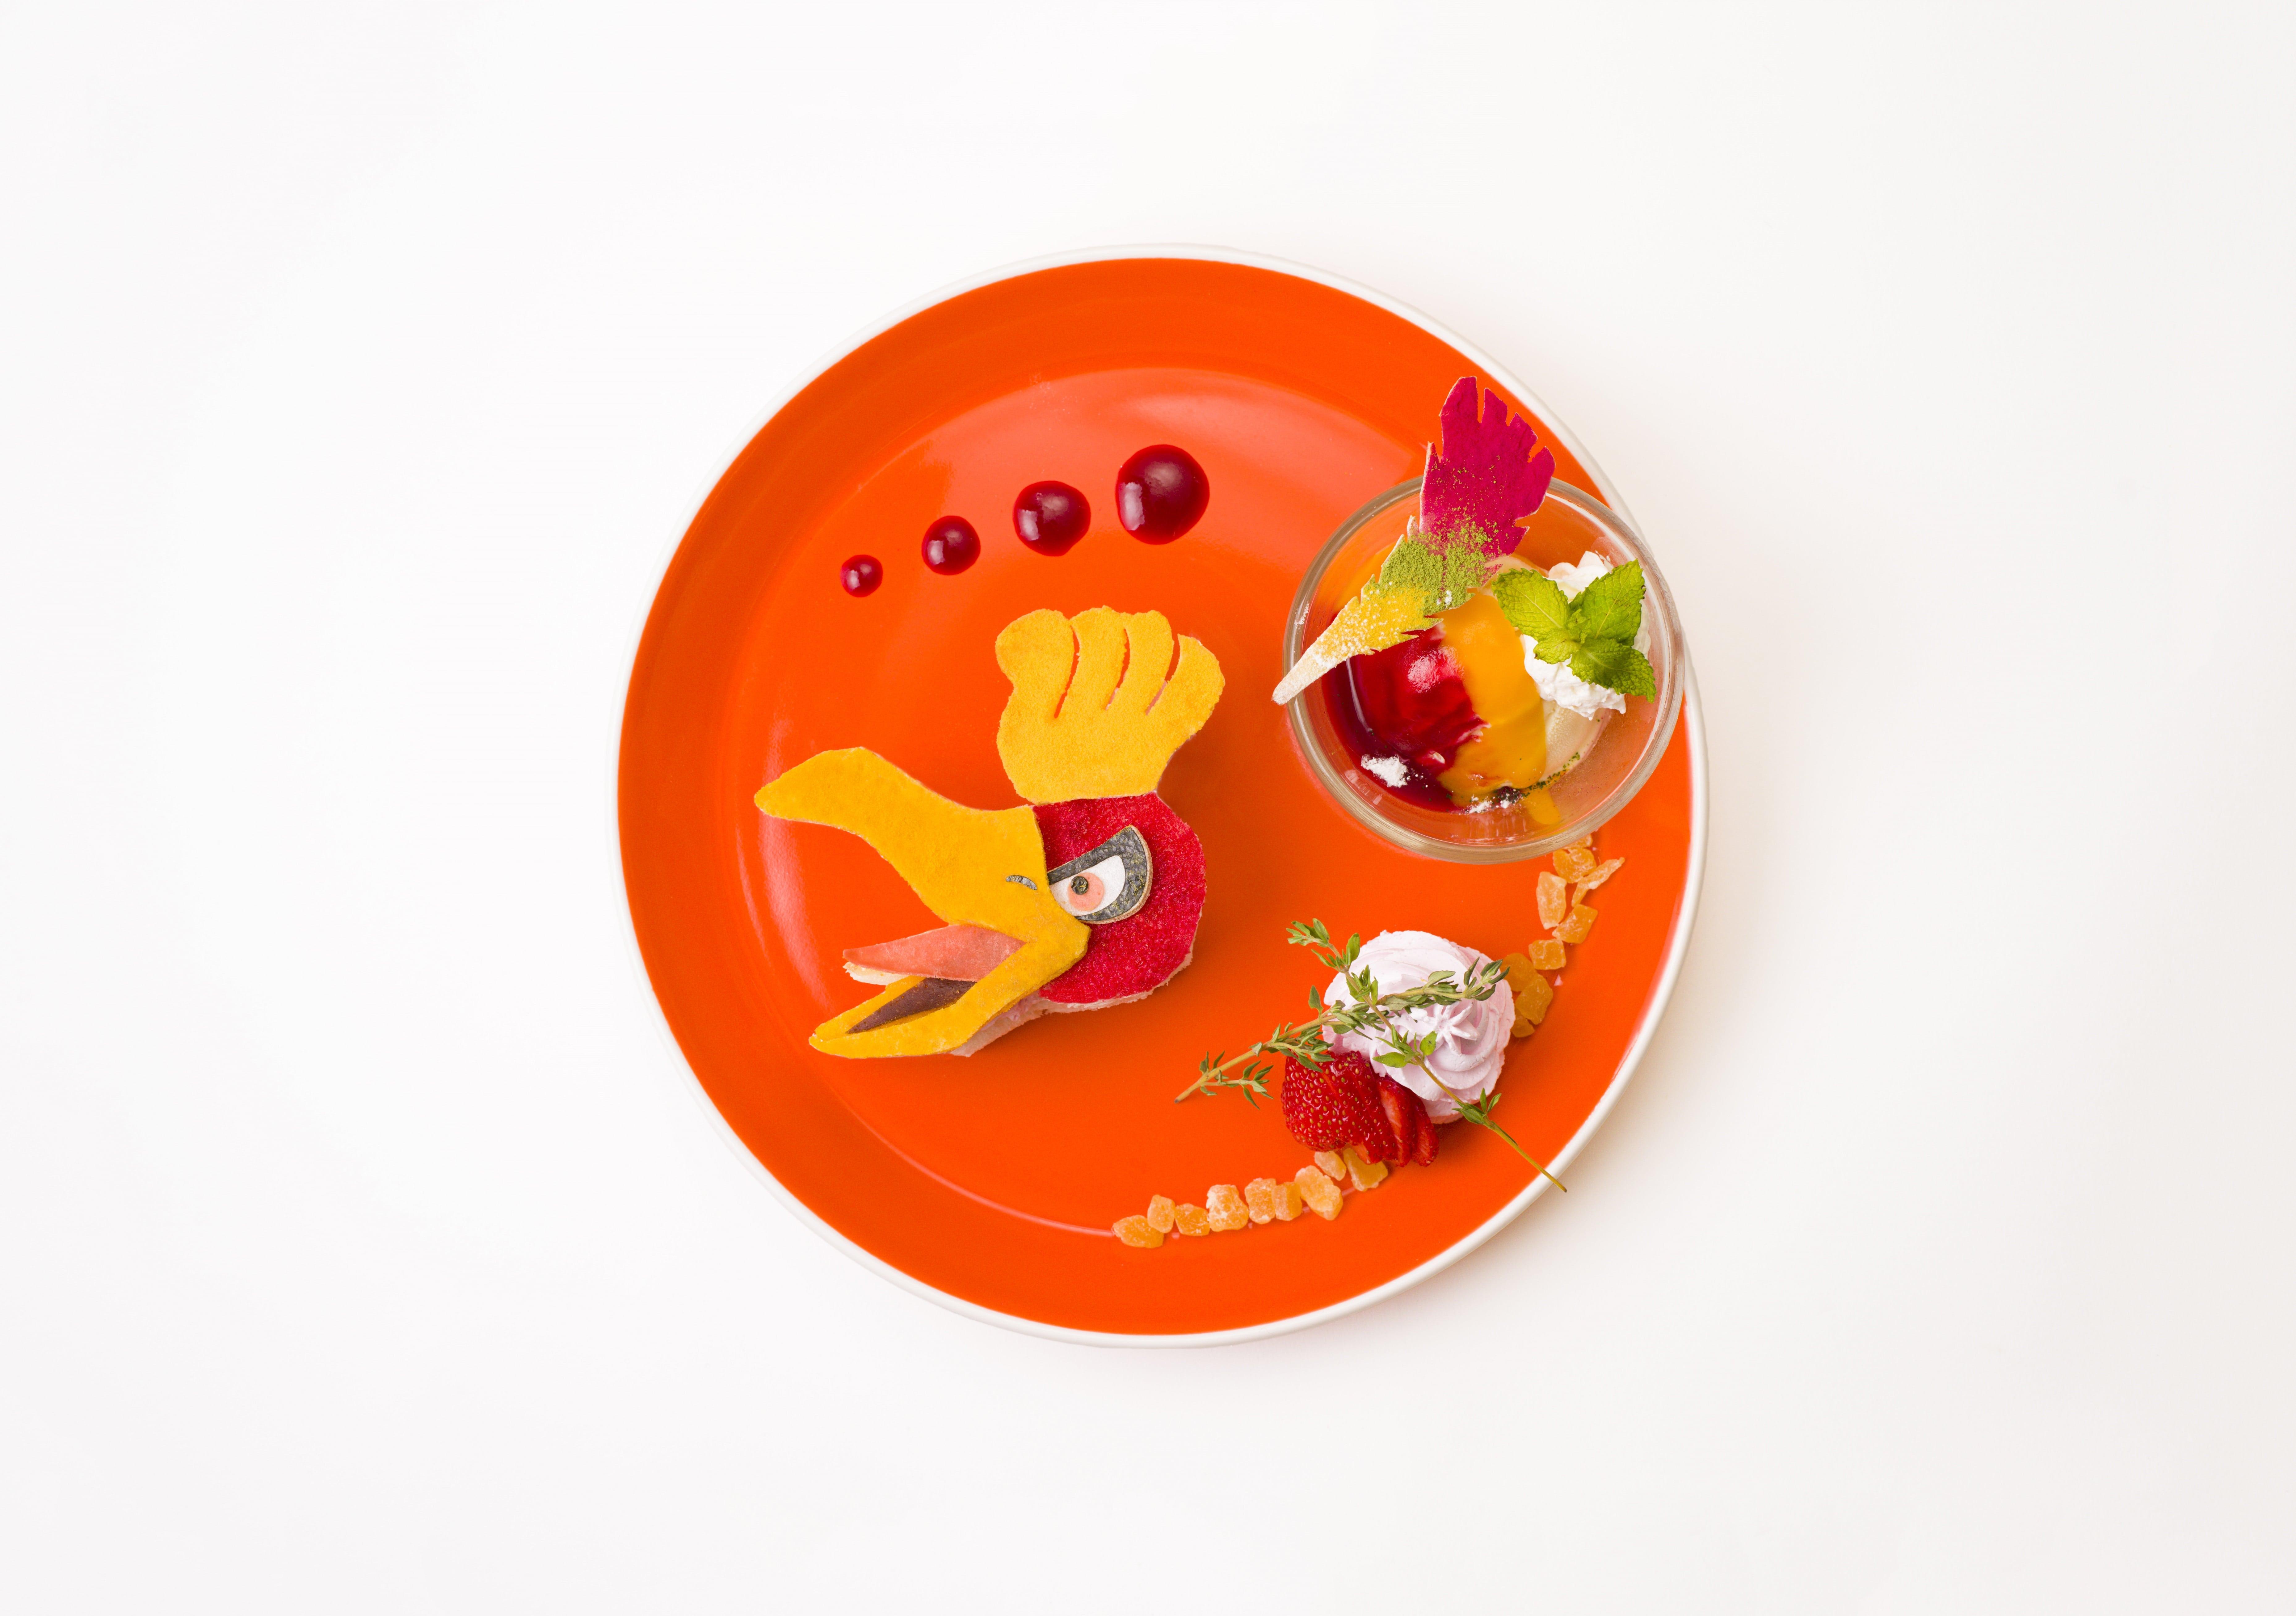 sub2ポケモンカフェ pokemon cafe ポケットモンスター 金・銀 poket monster gold silver 新メニュー new menu ルギア lugia ホウオウ houou-min